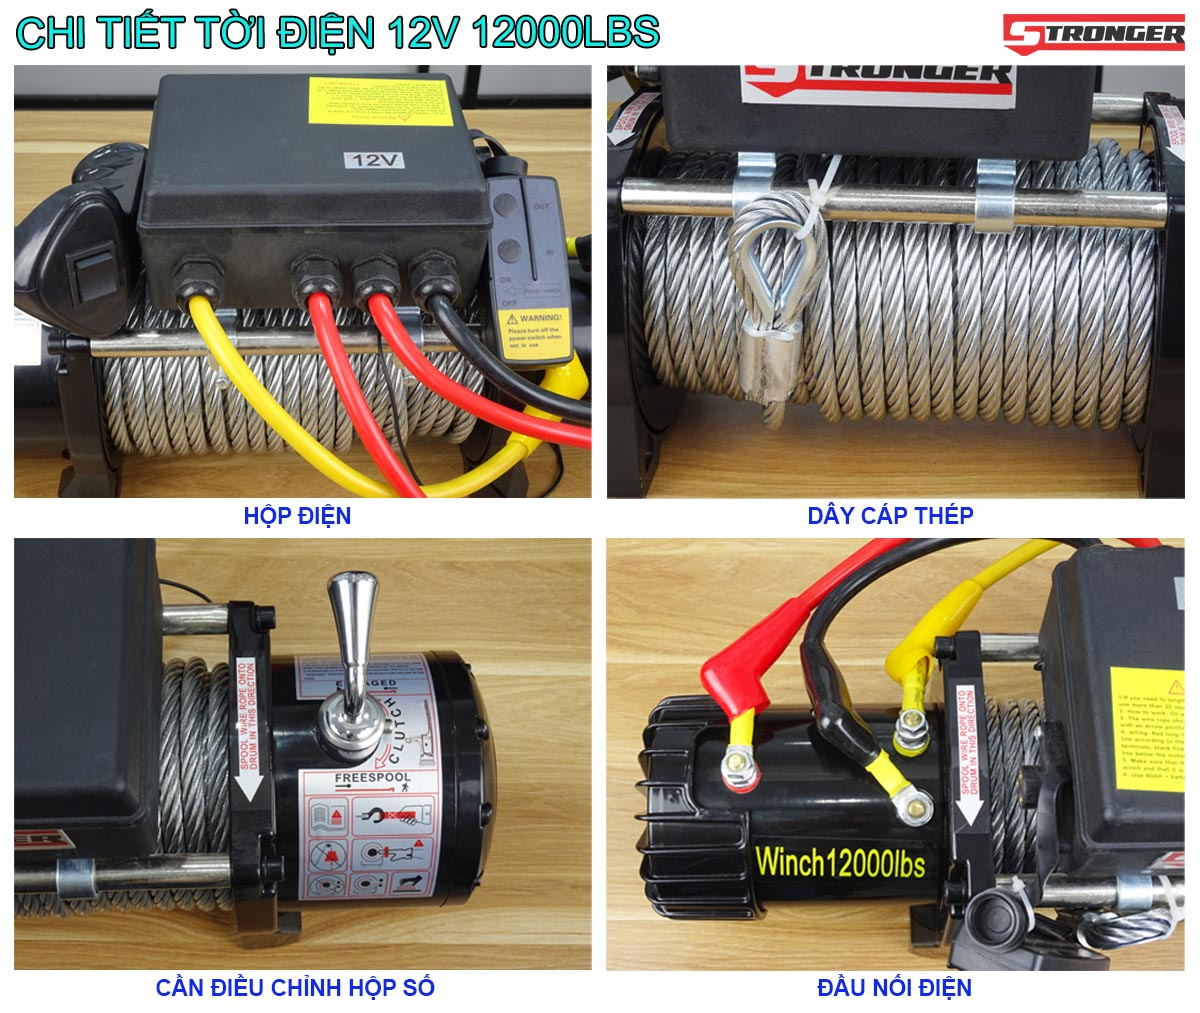 Tời điện 12V 12000Lbs (5443kg) Stronger